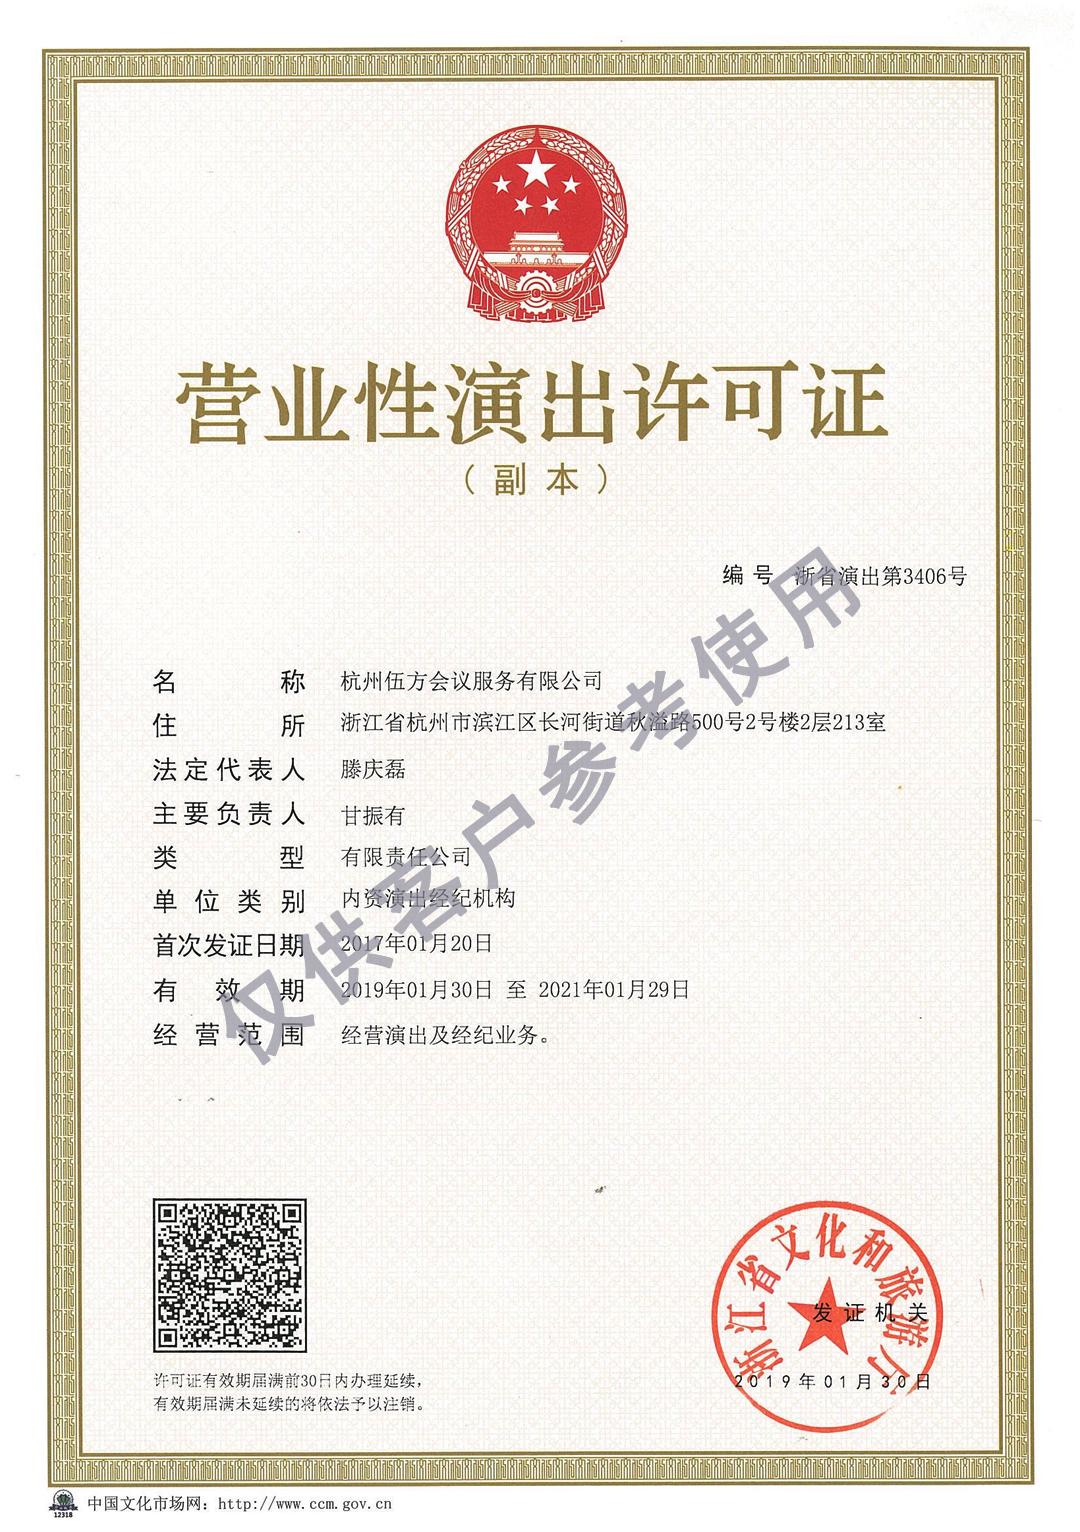 营业性演出许可证(副本)